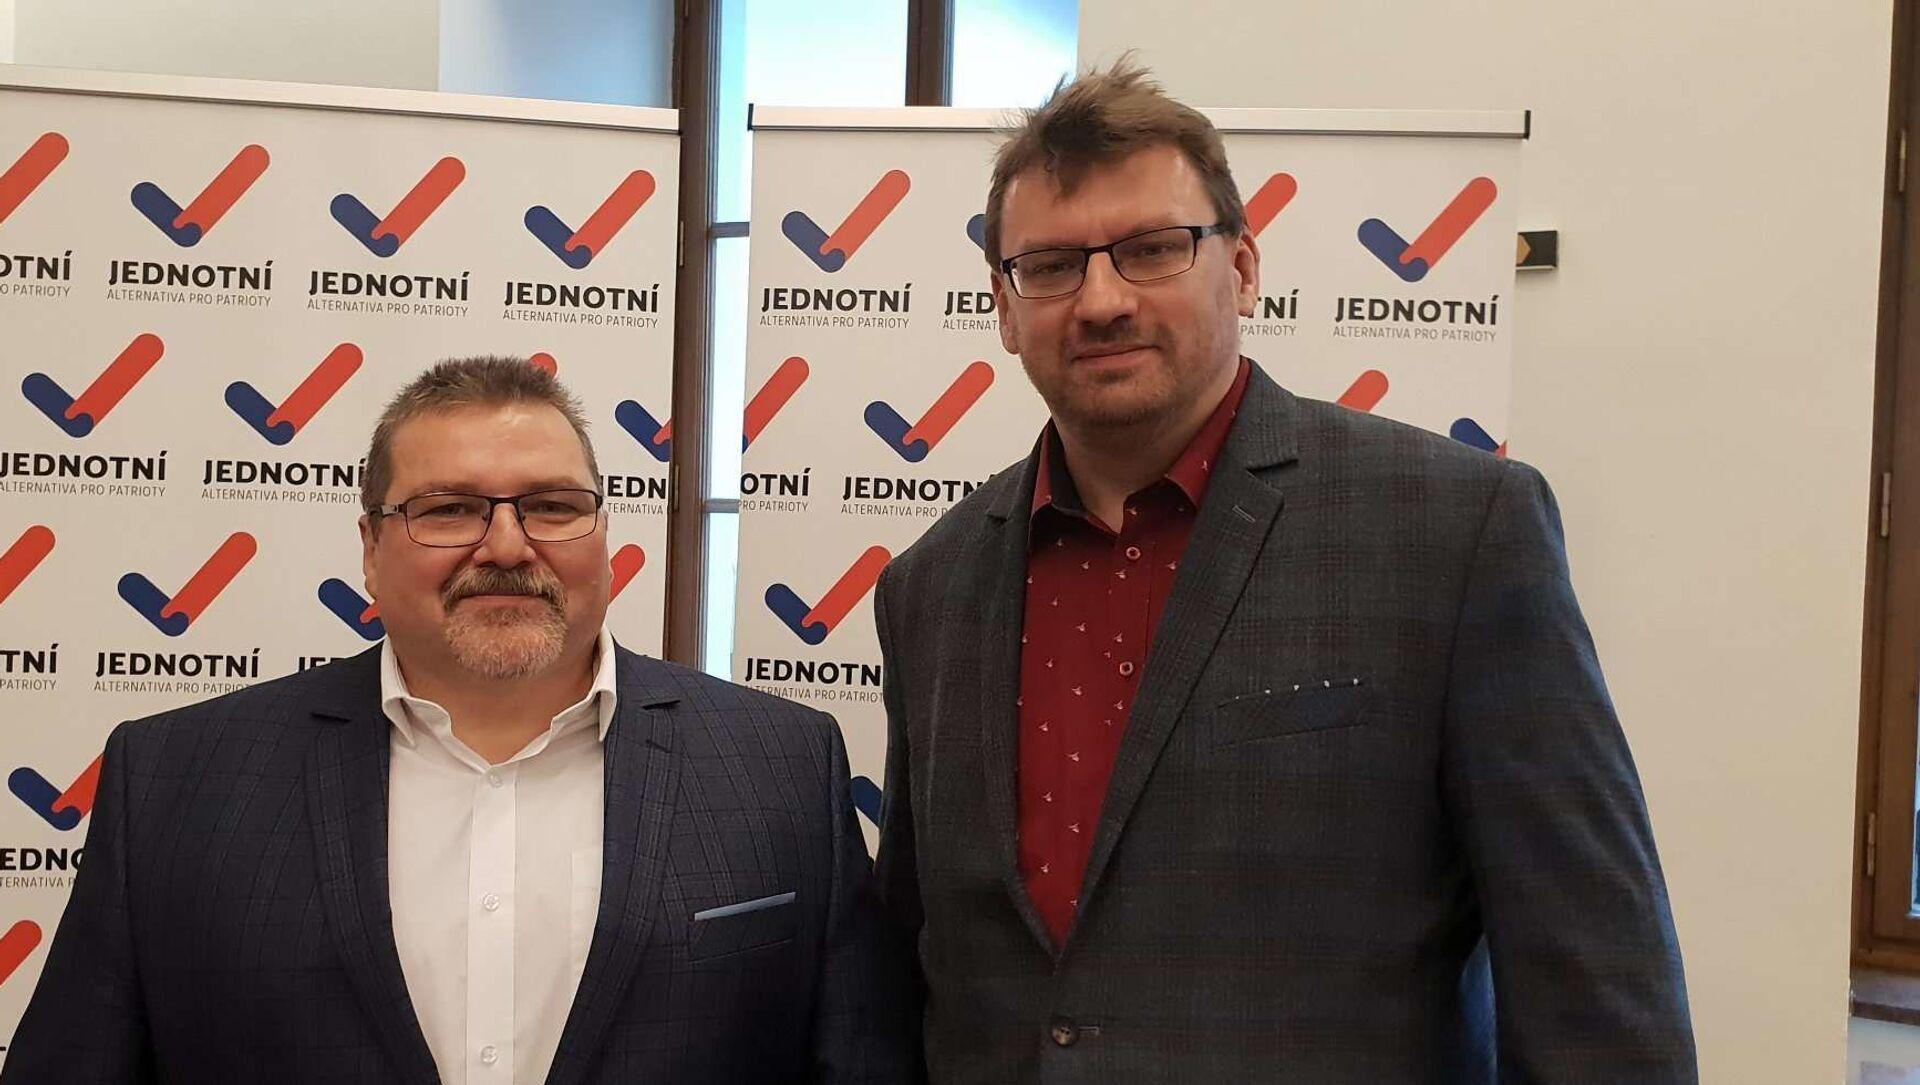 Čeští poslanci za Jednotní – alternativa pro patrioty Marian Bojko a Lubomír Volný - Sputnik Česká republika, 1920, 10.02.2021